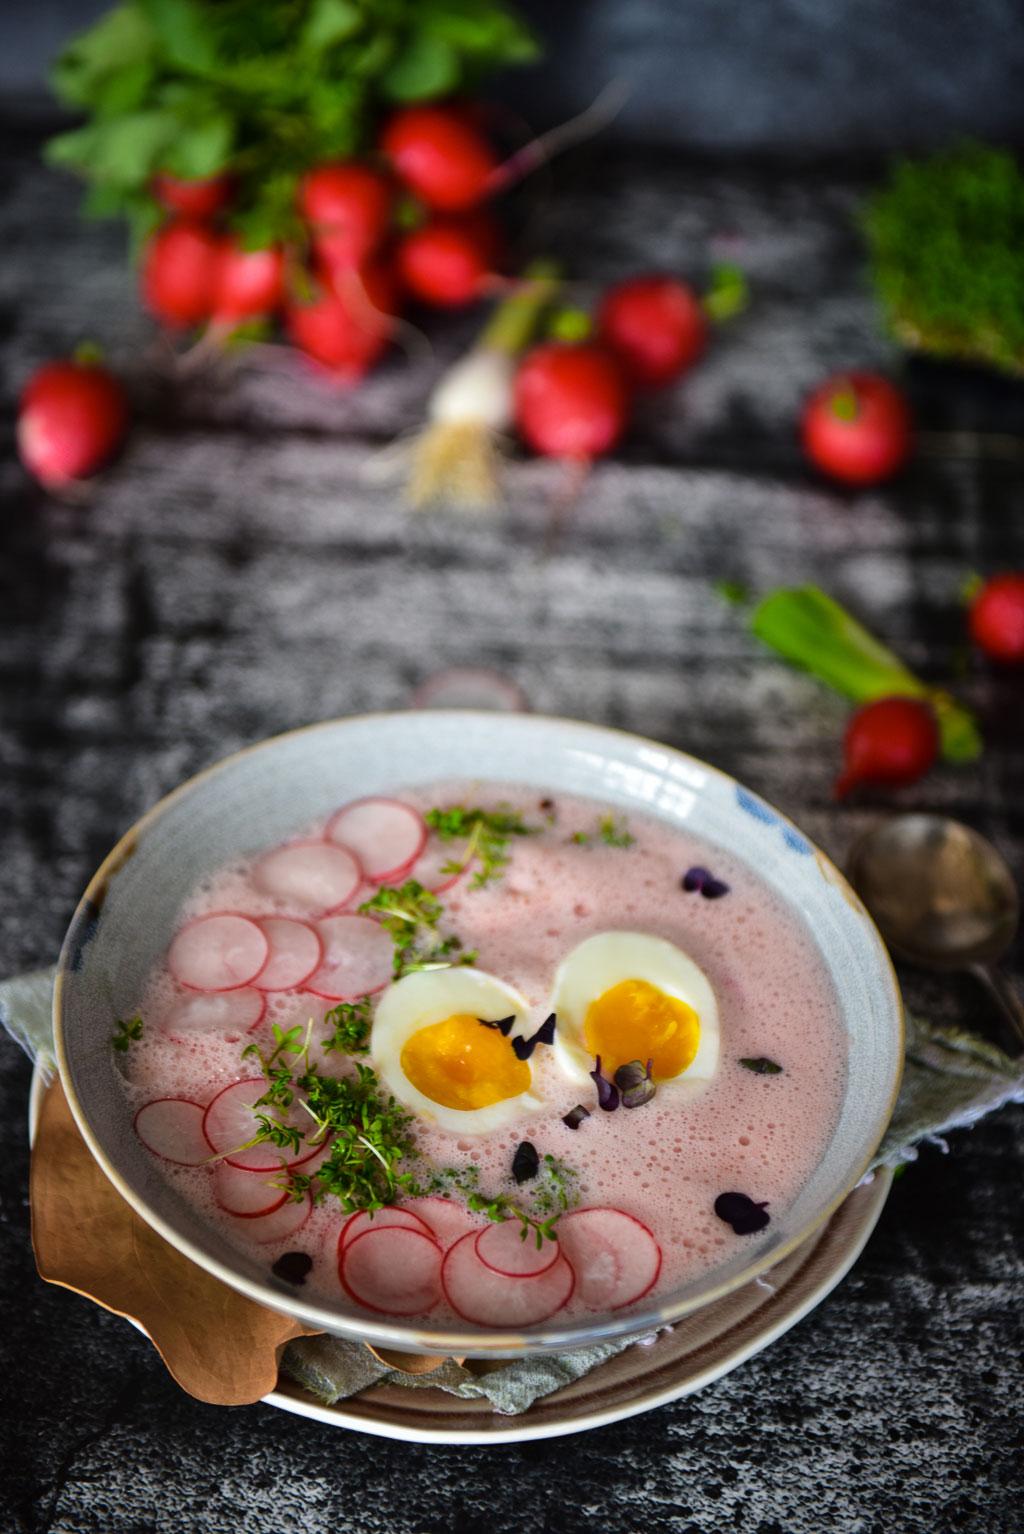 Radieschensuppe mit Buttermilch